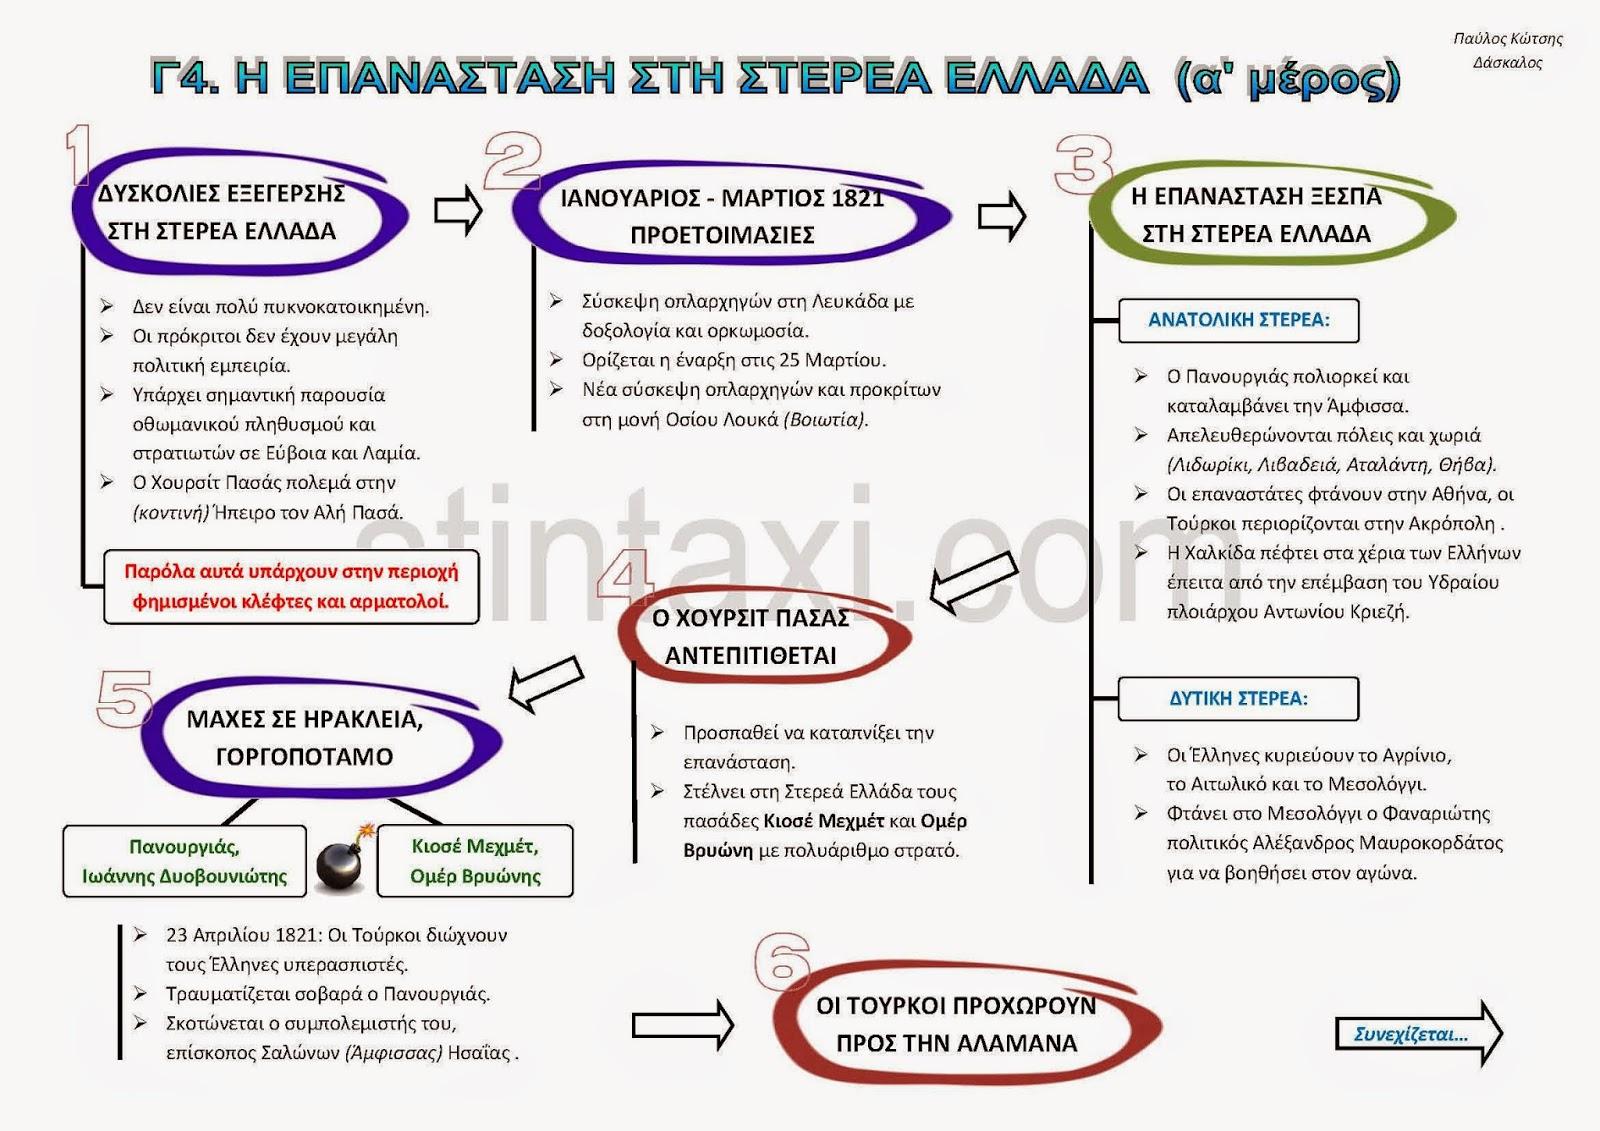 http://www.stintaxi.com/uploads/1/3/1/0/13100858/c4a-epanast-sterea-v2.1.pdf